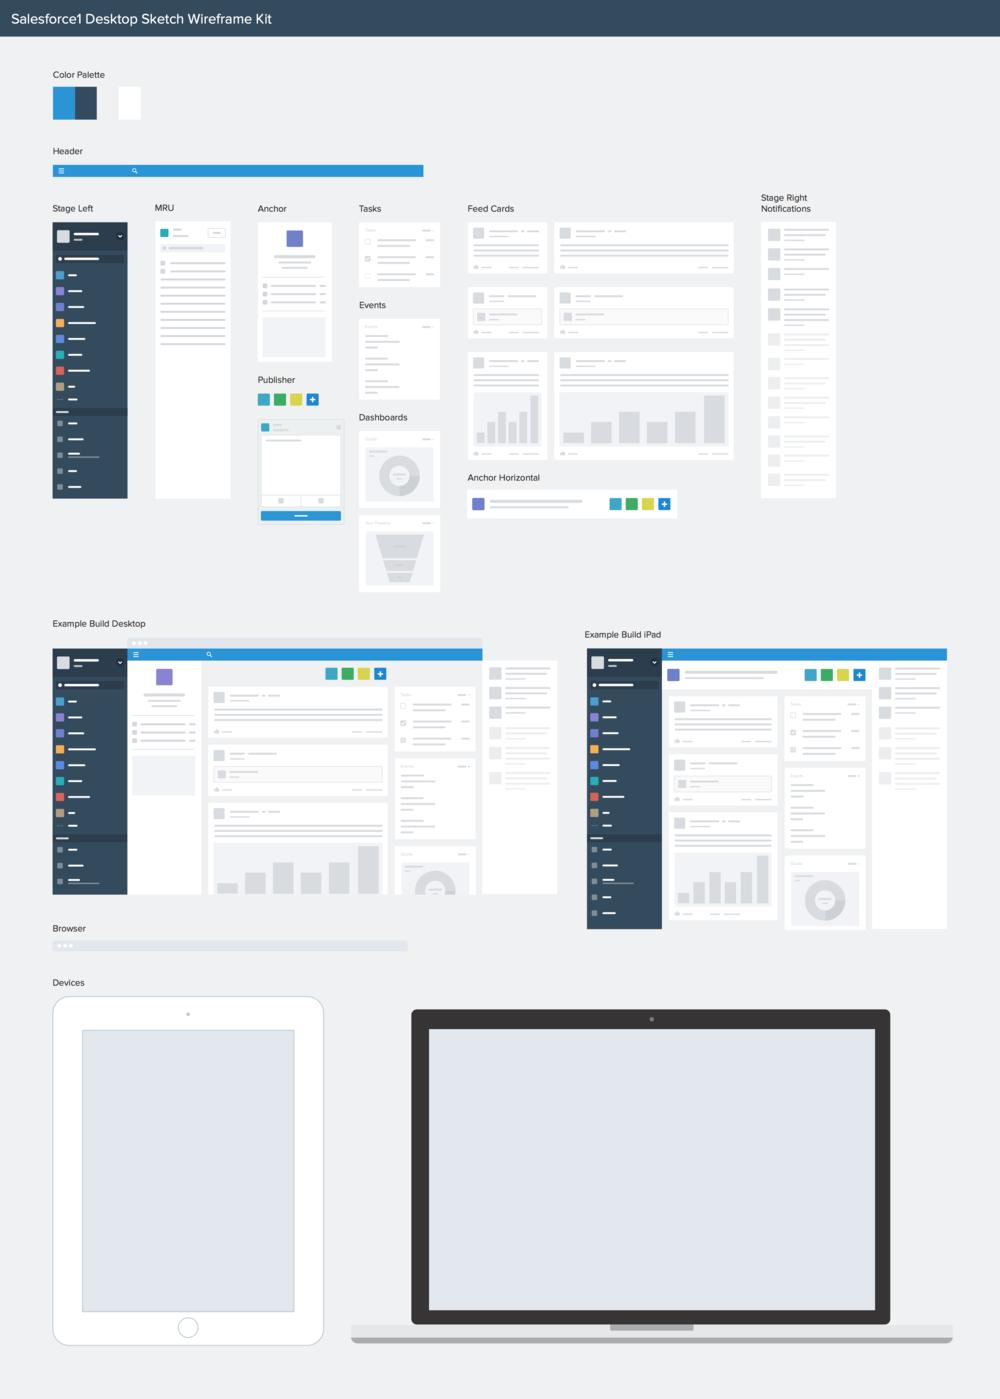 Desktop_Sketch_Wireframe_Kit.png